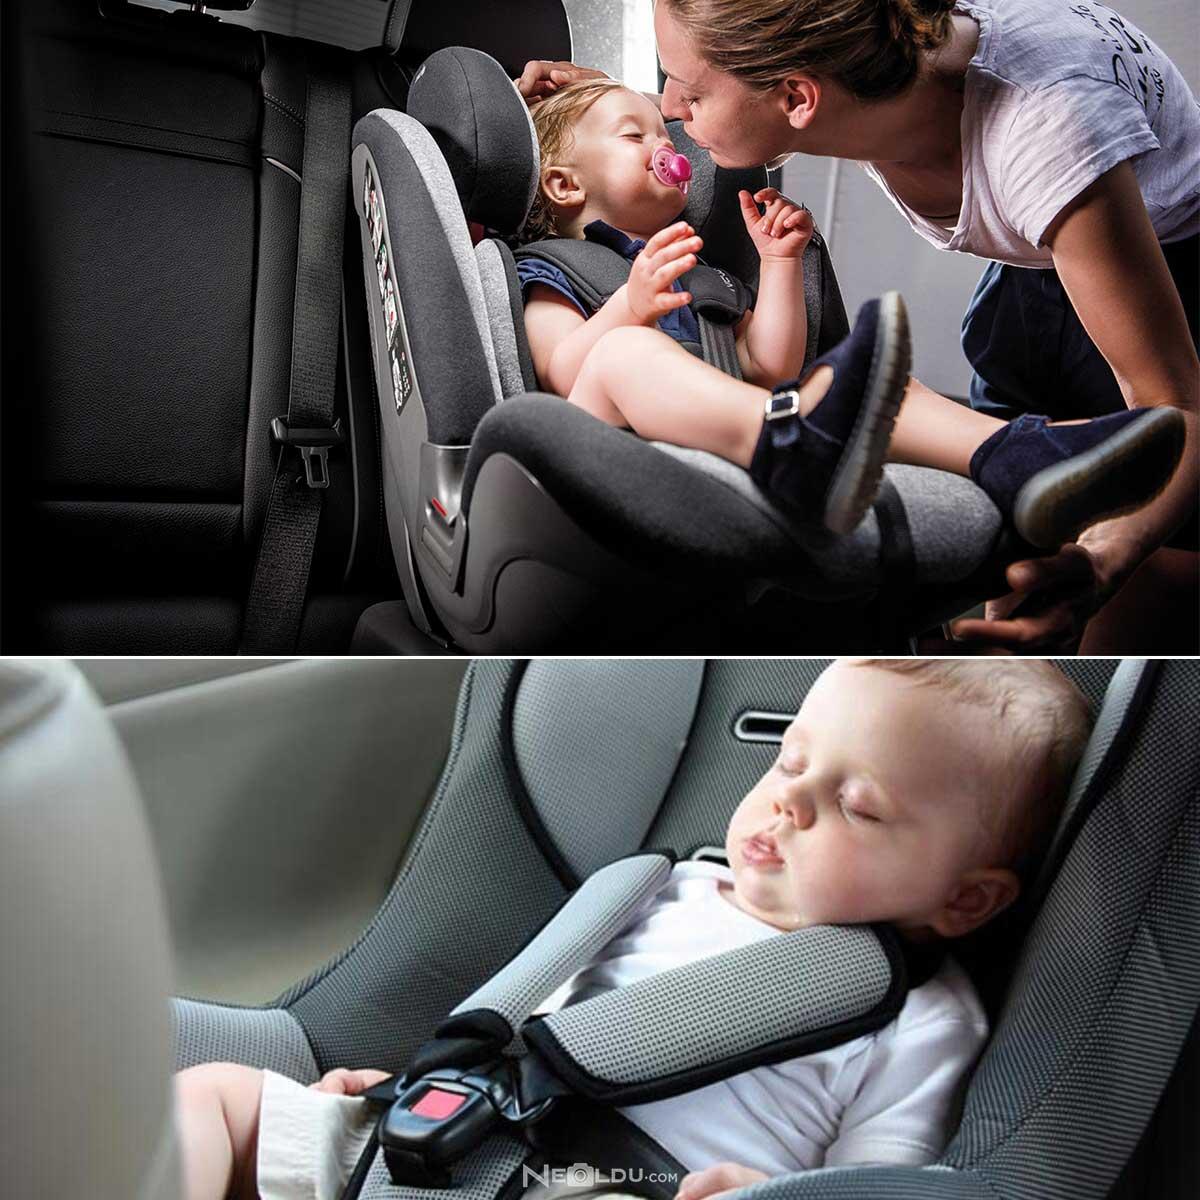 bebek-koltuklari-kac-kemerli-olmalidir.jpg